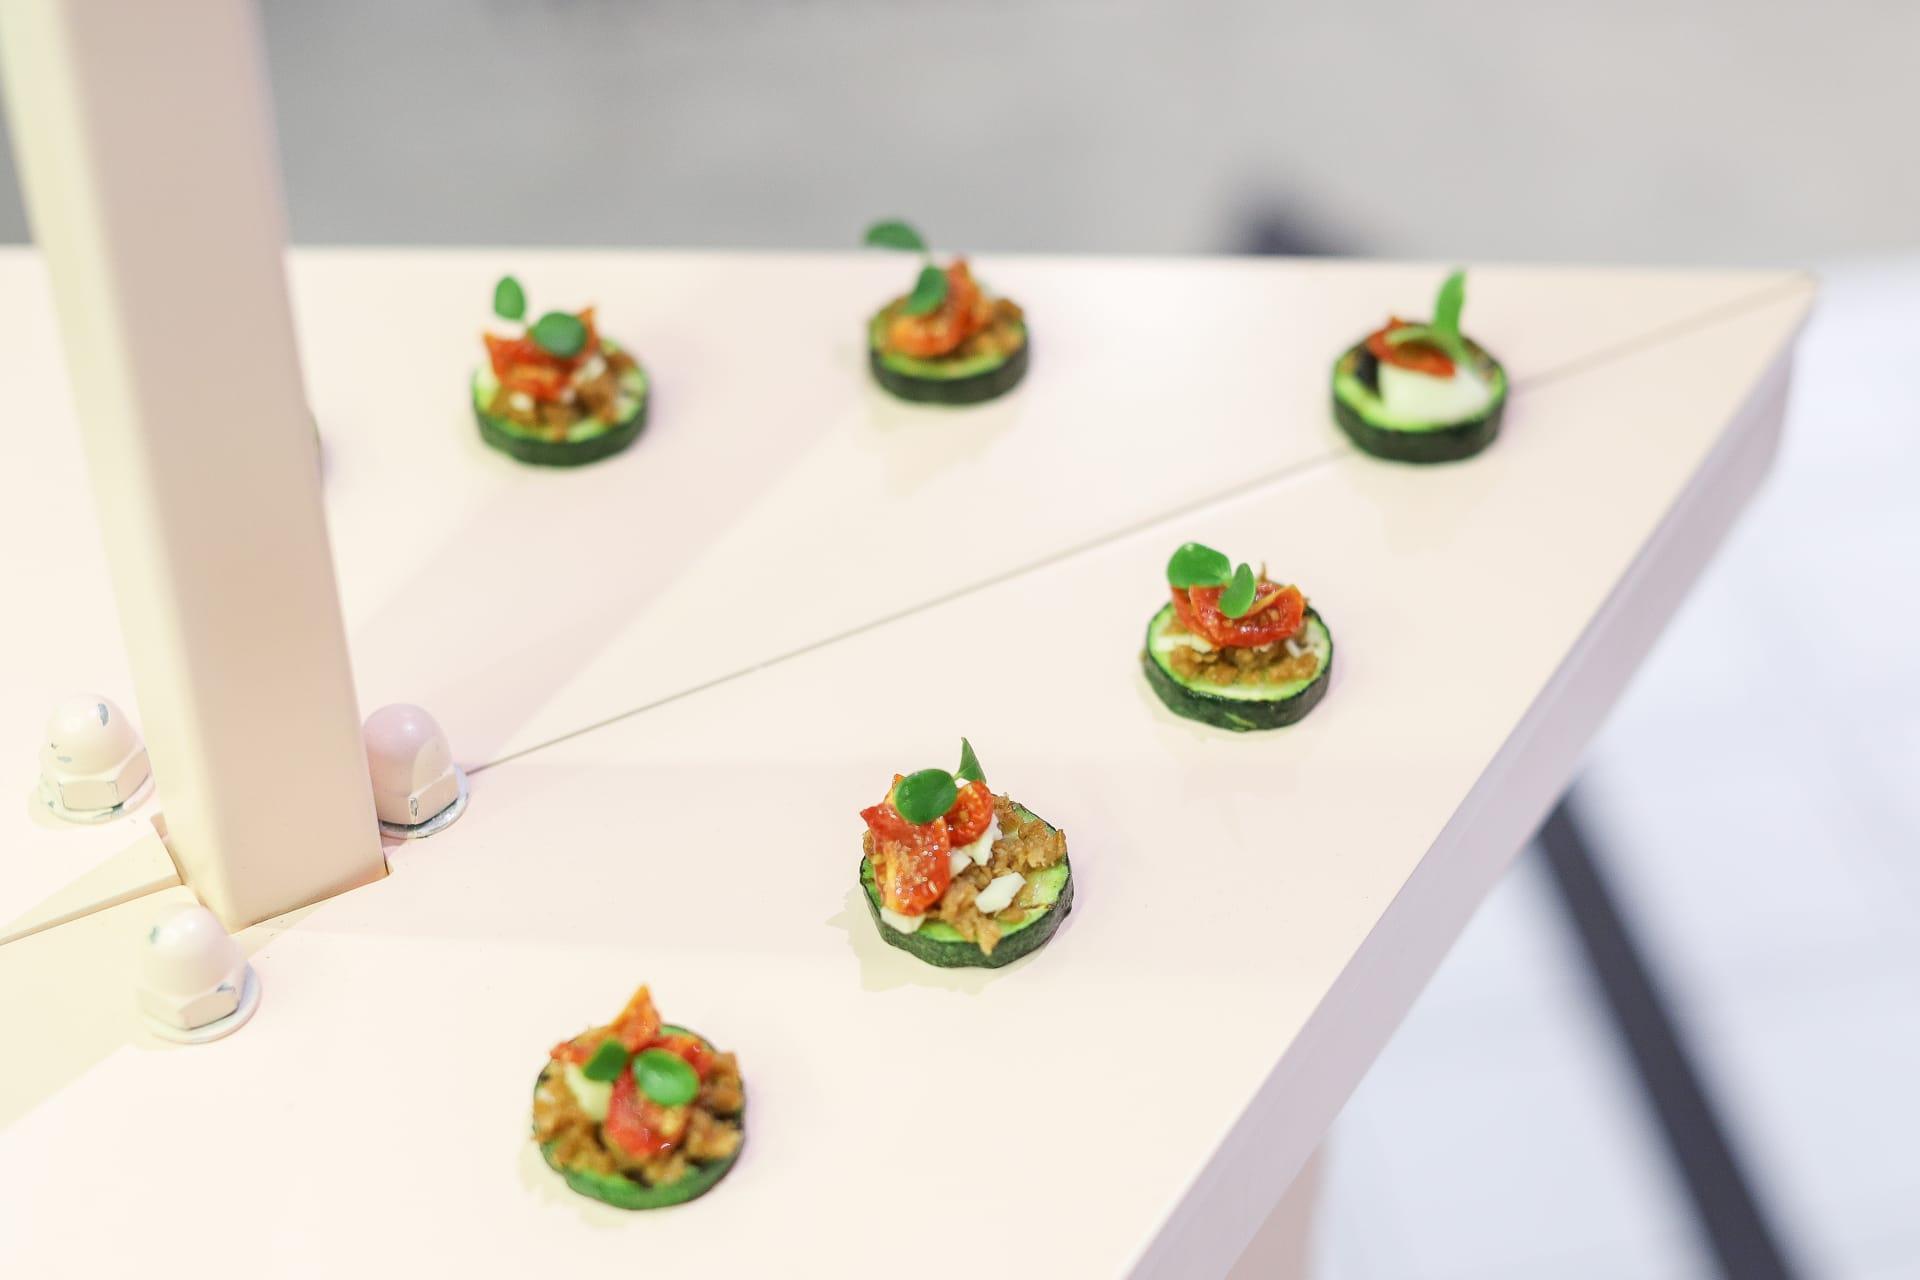 كيف سيبدو مستقبل الأطباق الشعبية في الإمارات بحلول عام 2030؟